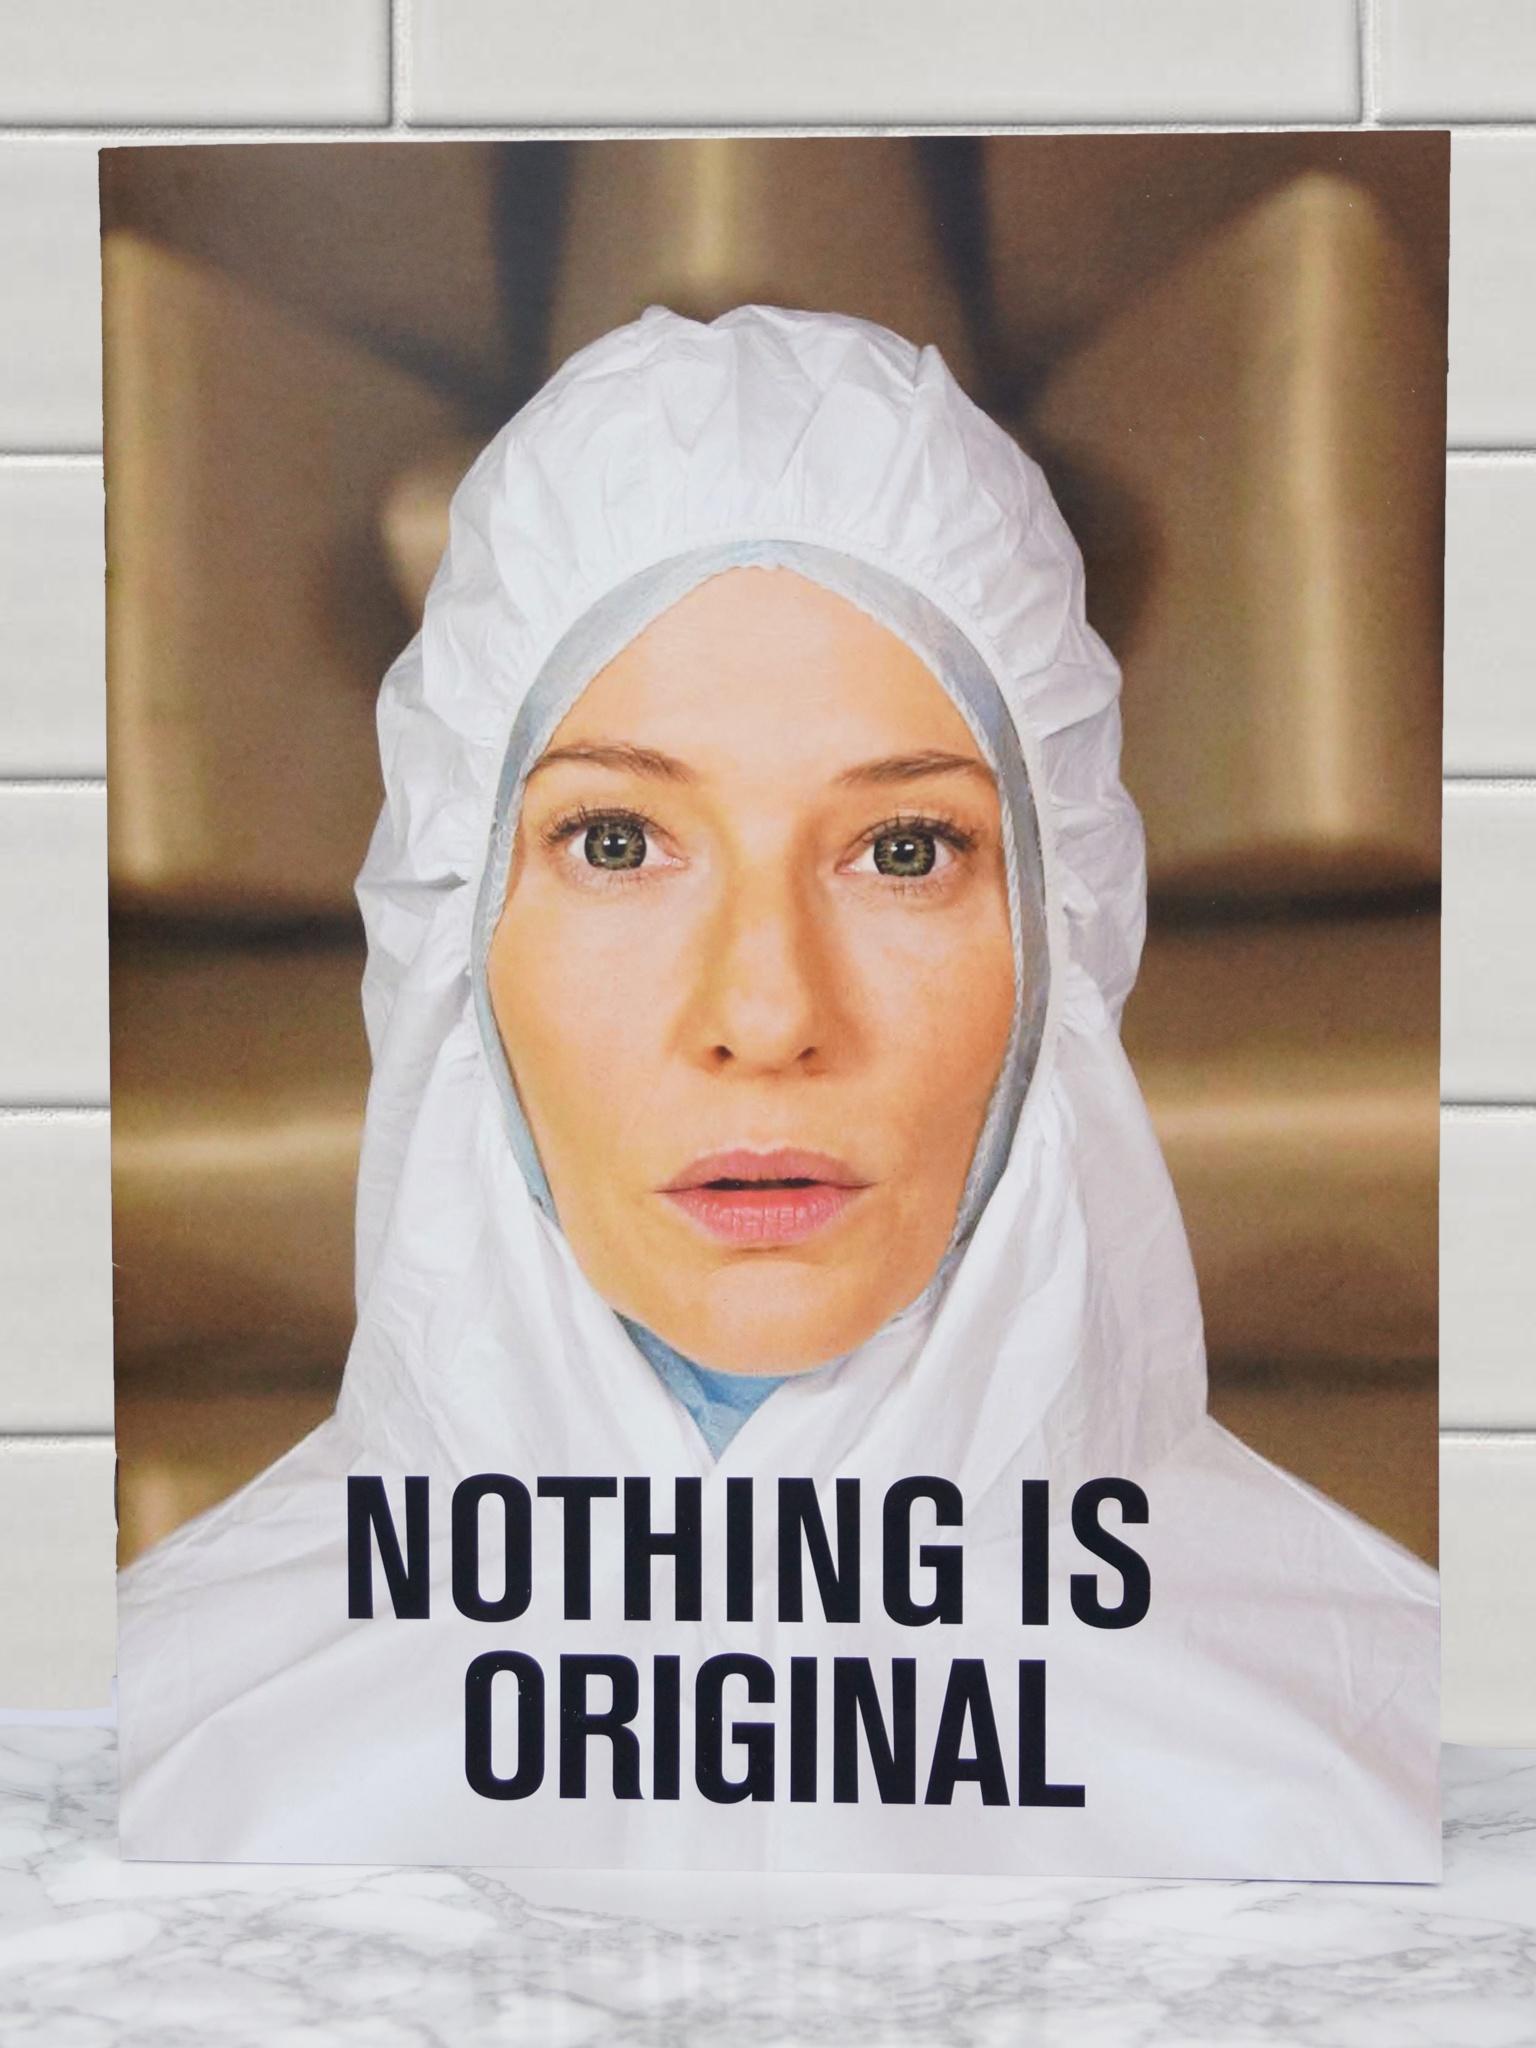 - Manifesto - Cate Blanchett - Park Avenue Armory - Julian Rosefeldt - #PAAManifesto - @ParkAveArmory - PAA - Art - Performance Art - TheKillerLook.com - The Killer Look